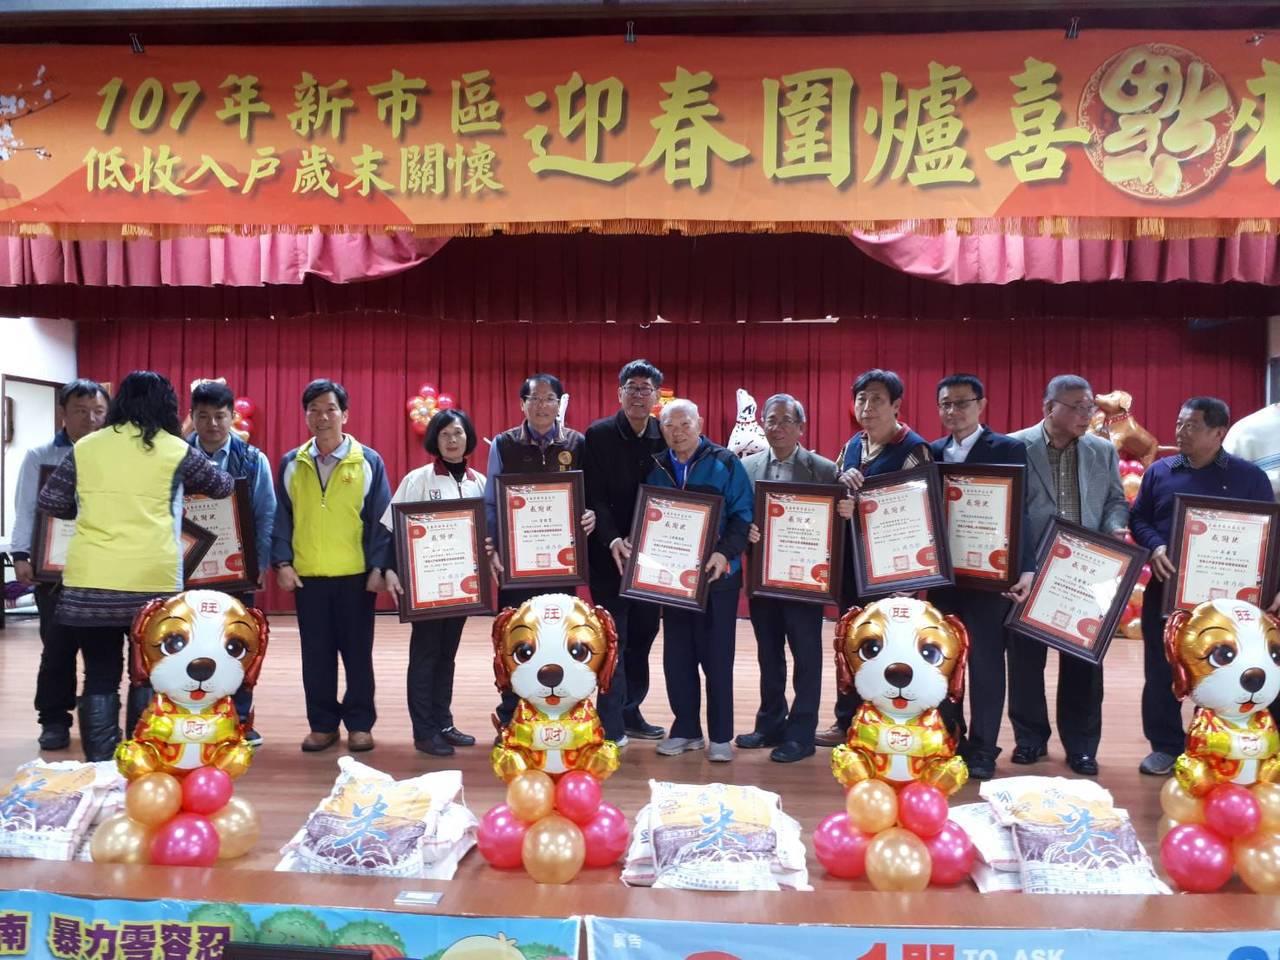 台南新市區公所辦理迎春圍爐,公所頒贈感謝狀感謝善心者付出。記者謝進盛/攝影